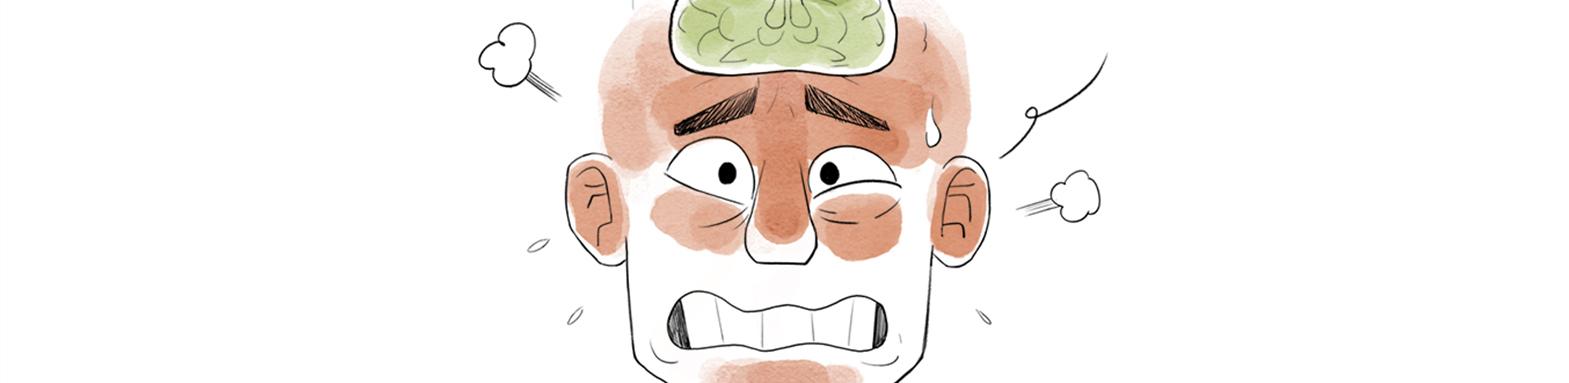 Illustration du visage d'un homme sous pression